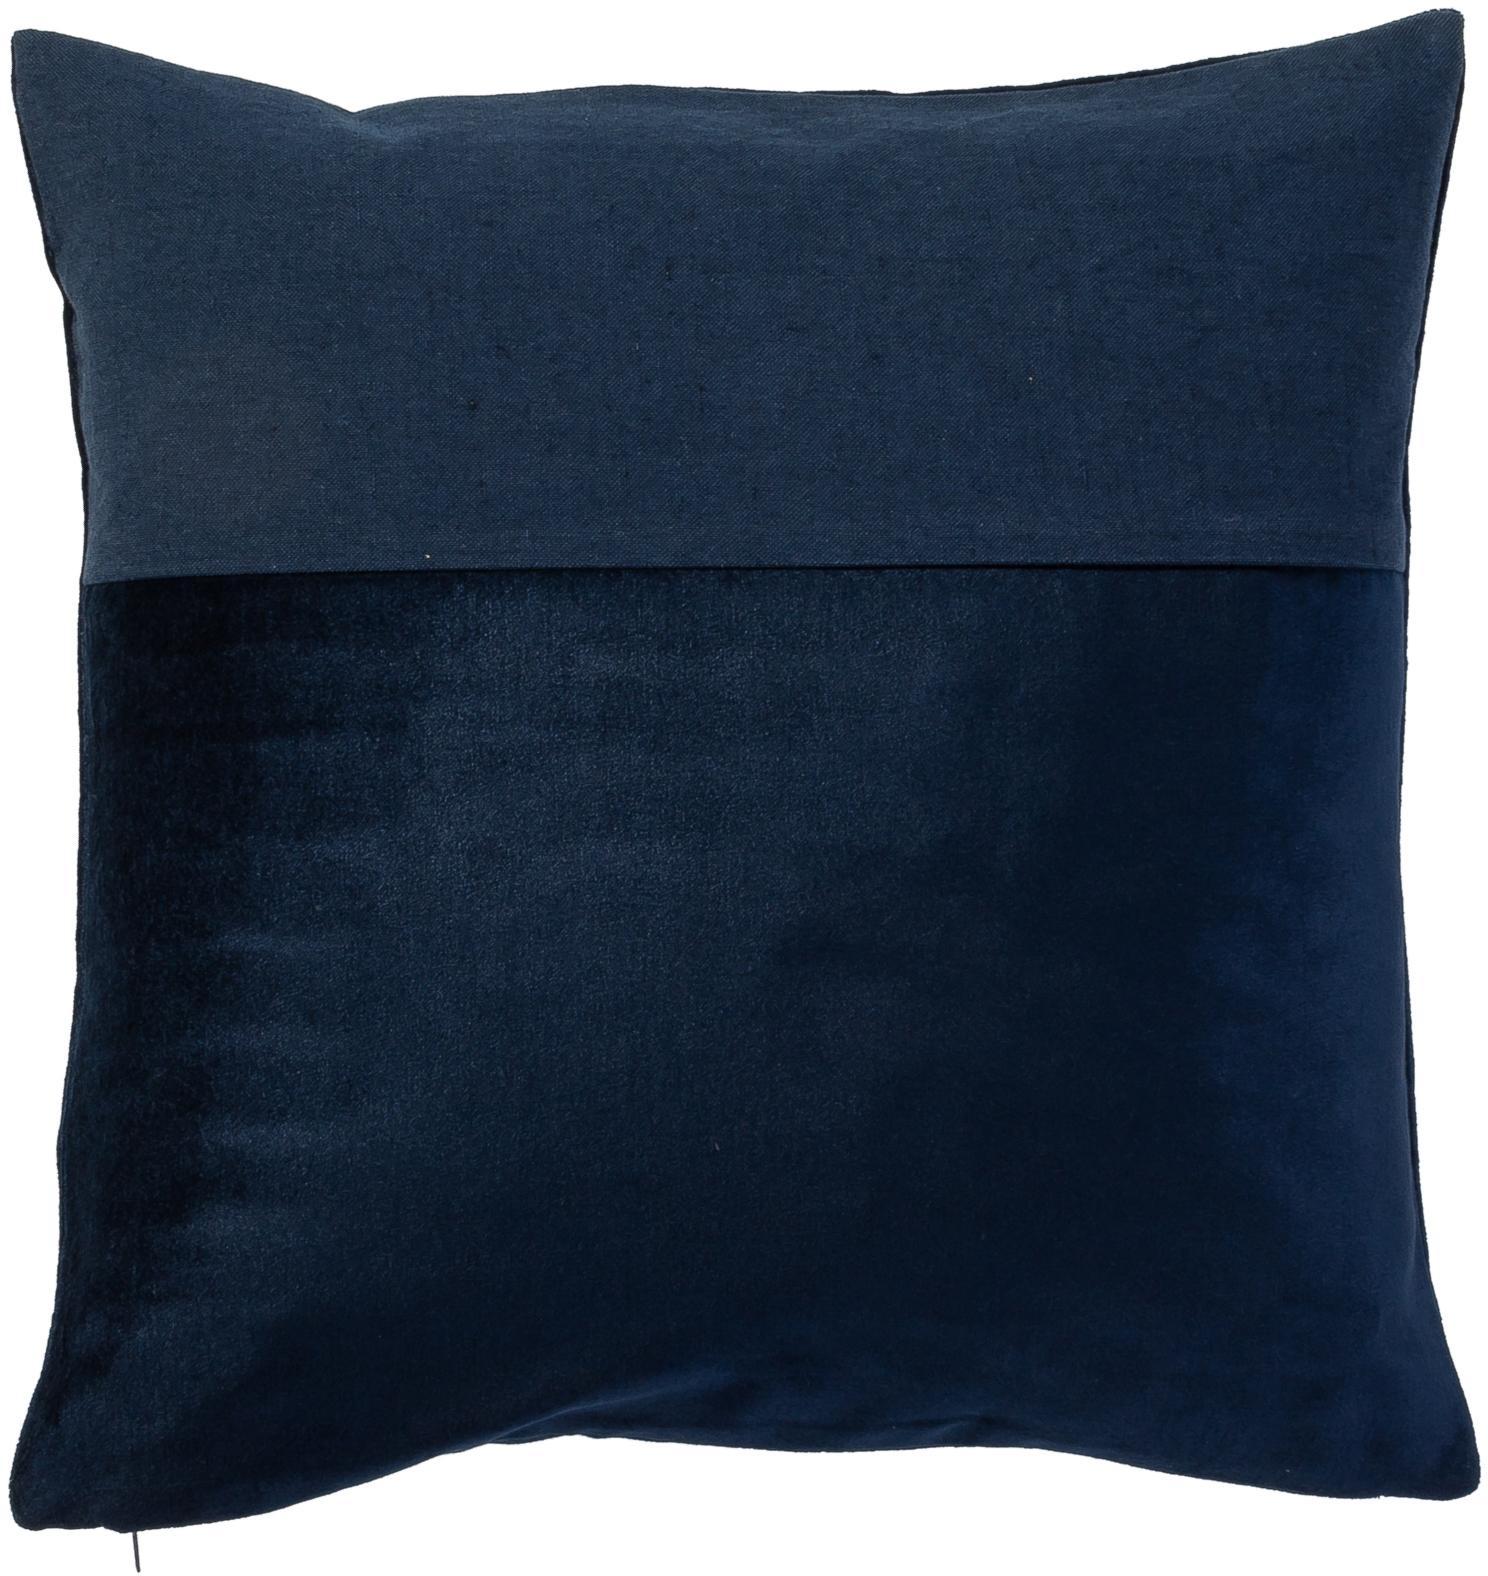 Kussenhoes Adelaide van fluweel/linnen in donkerblauw, Donkerblauw, 40 x 40 cm